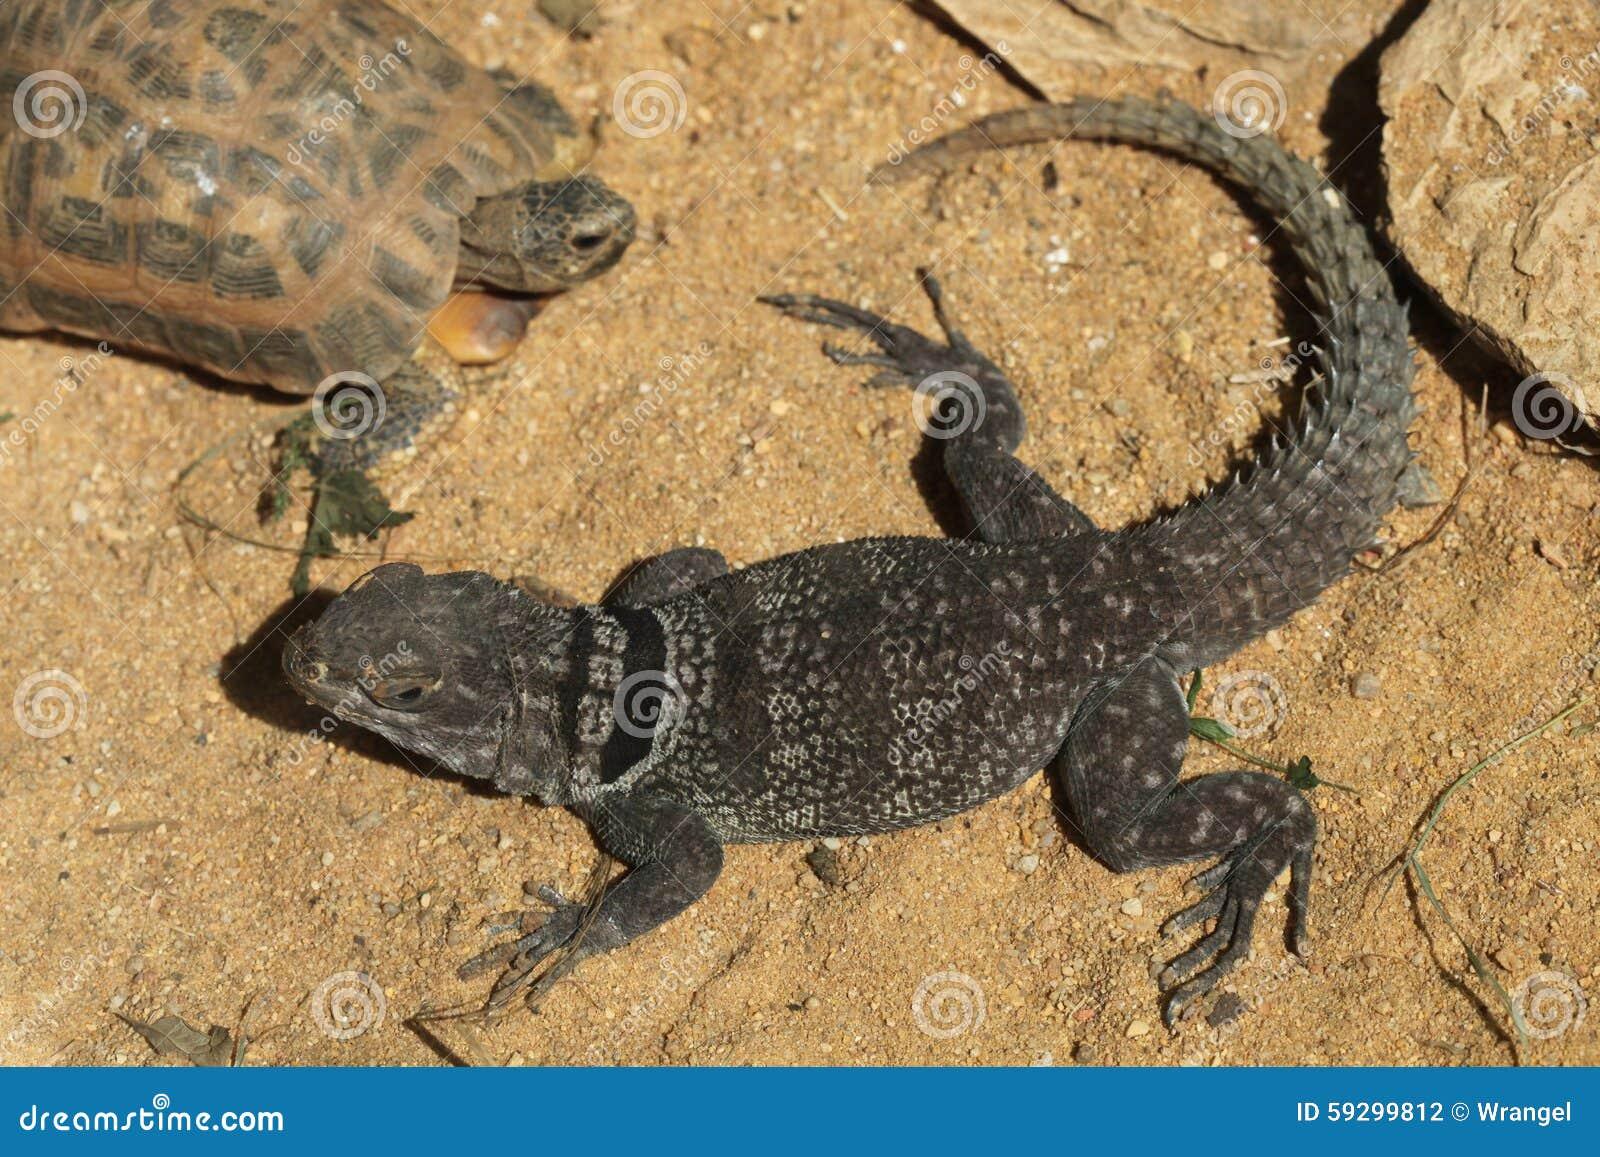 Madagaskar stachelig-band Leguan (Oplurus-cuvieri), alias die Madagaskar ergatterte Eidechse an